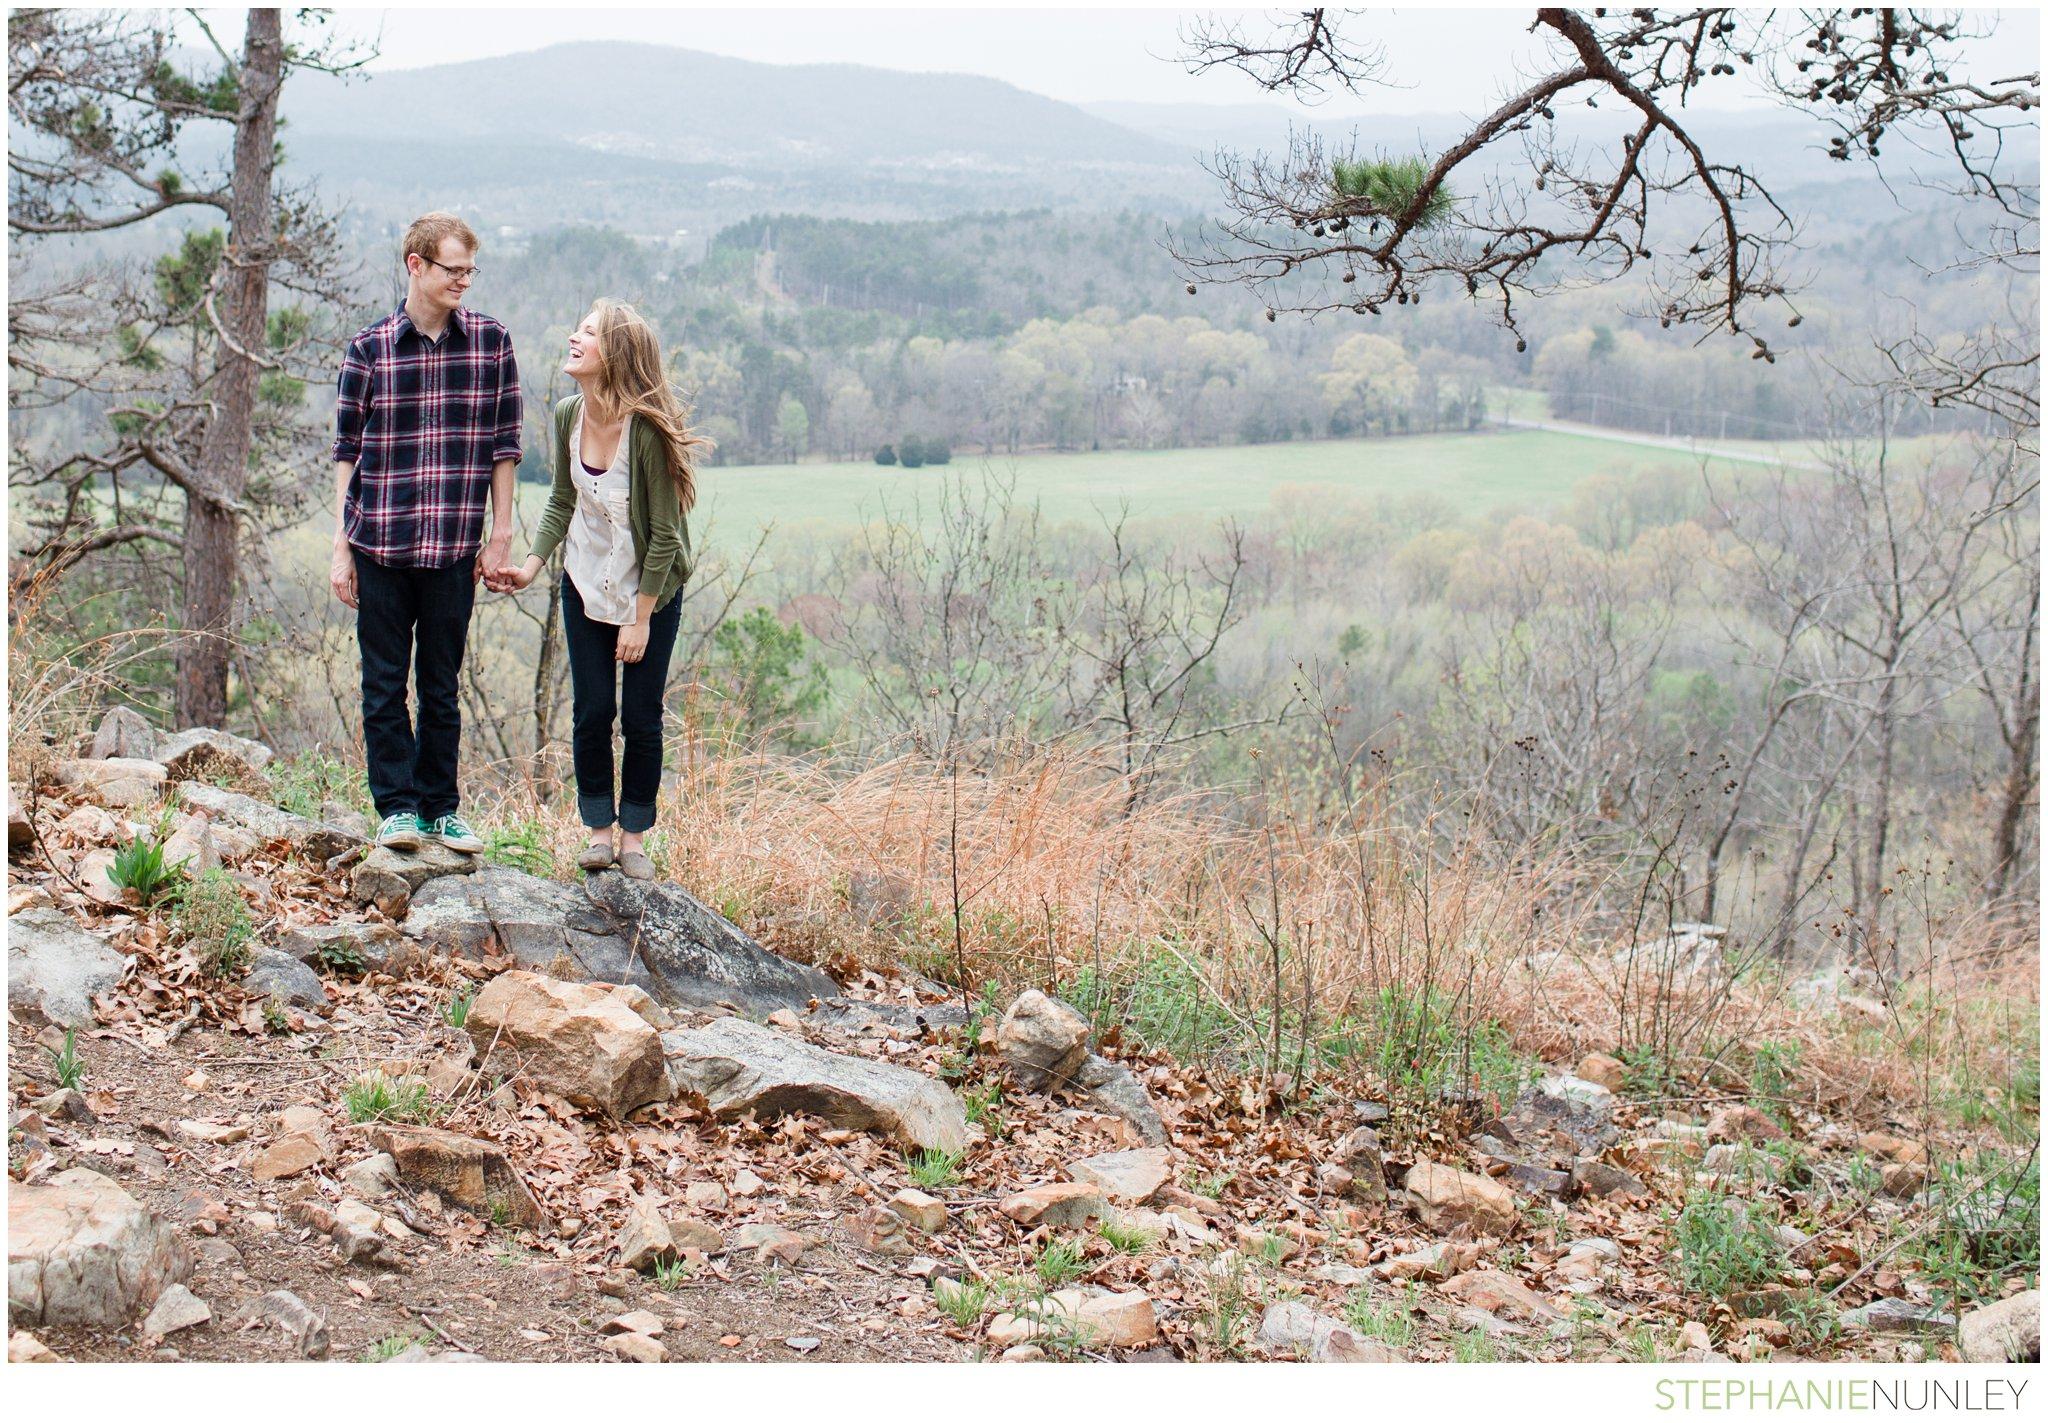 pinnacle-mountain-engagement-photo-002